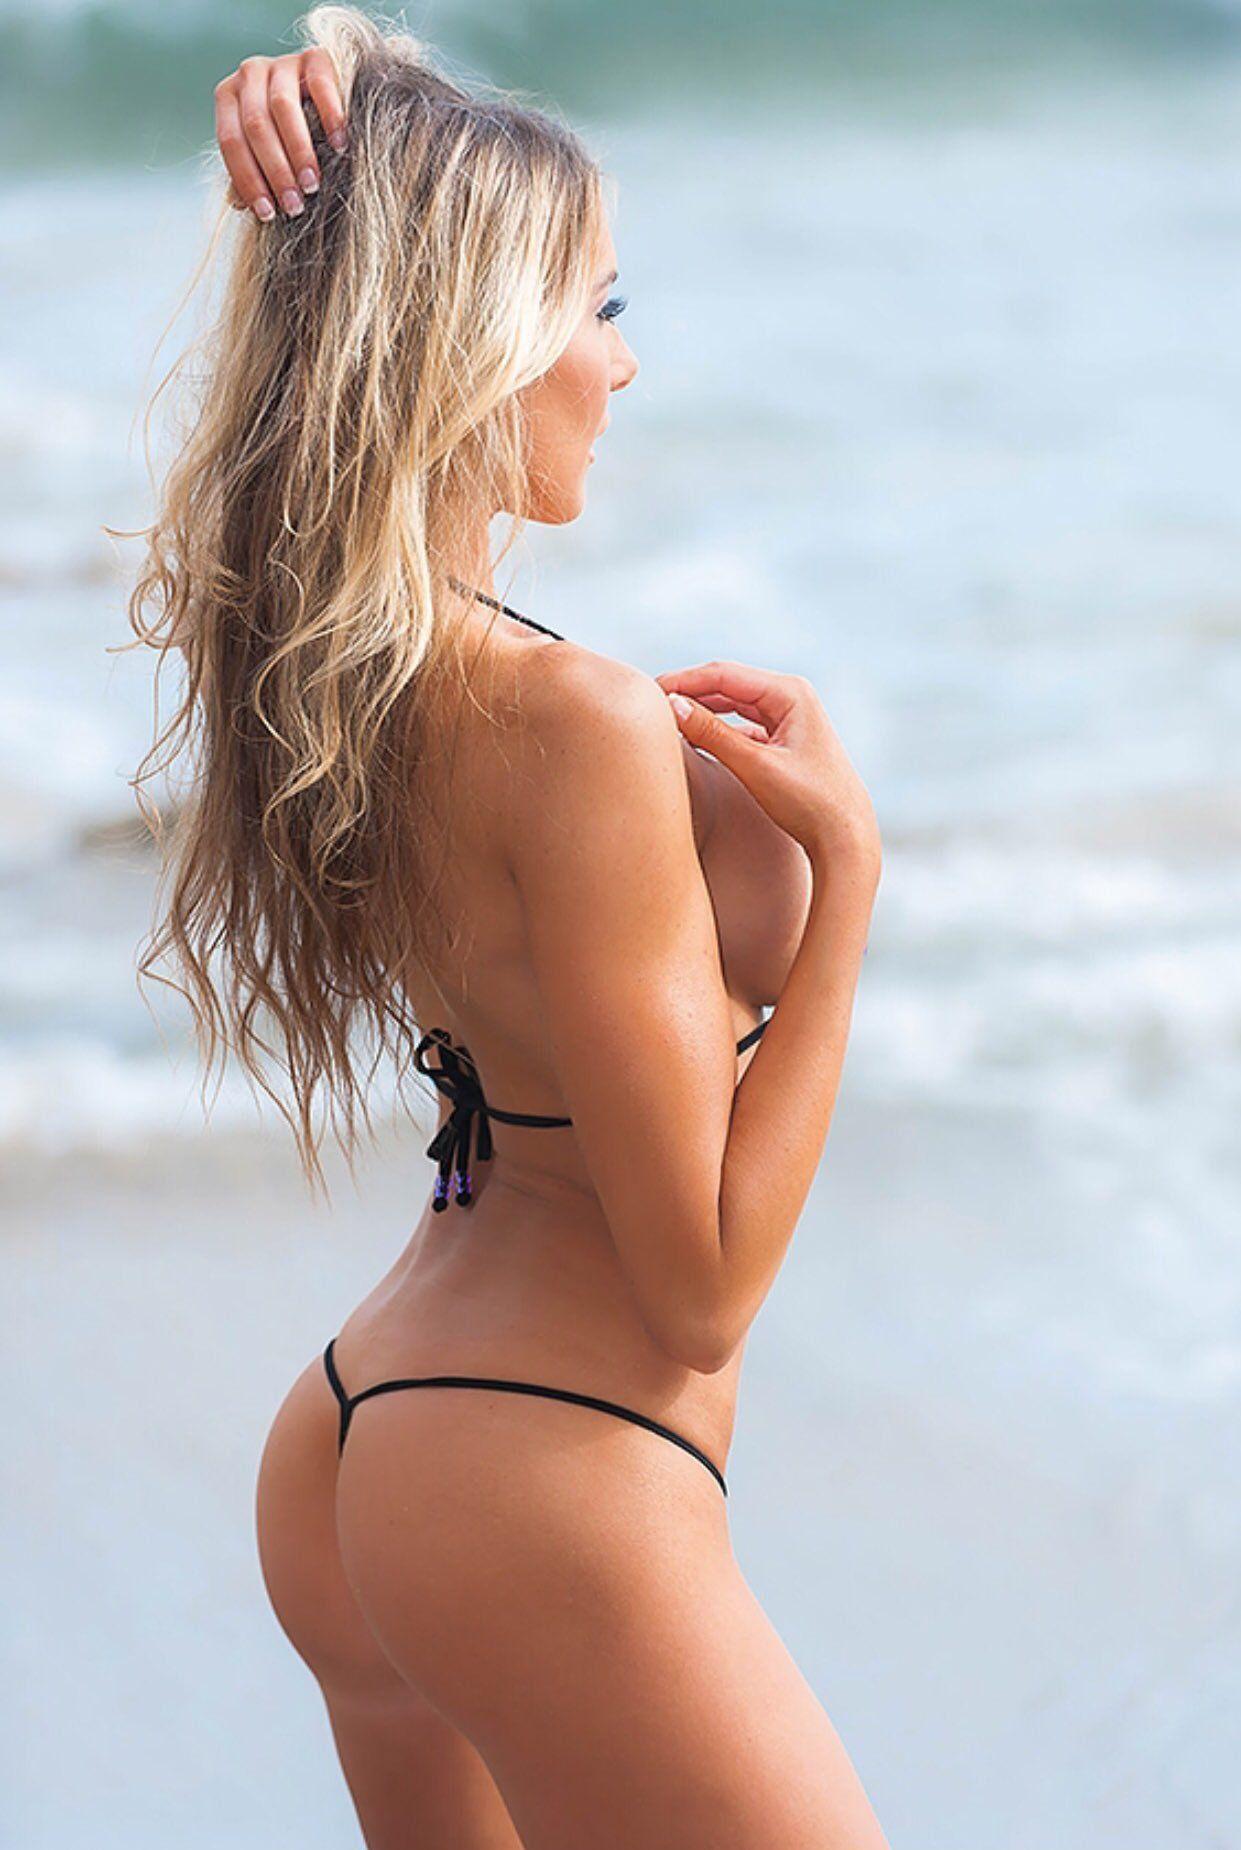 nude-pussy-pick-of-destiny-bikini-girl-sexs-xxx